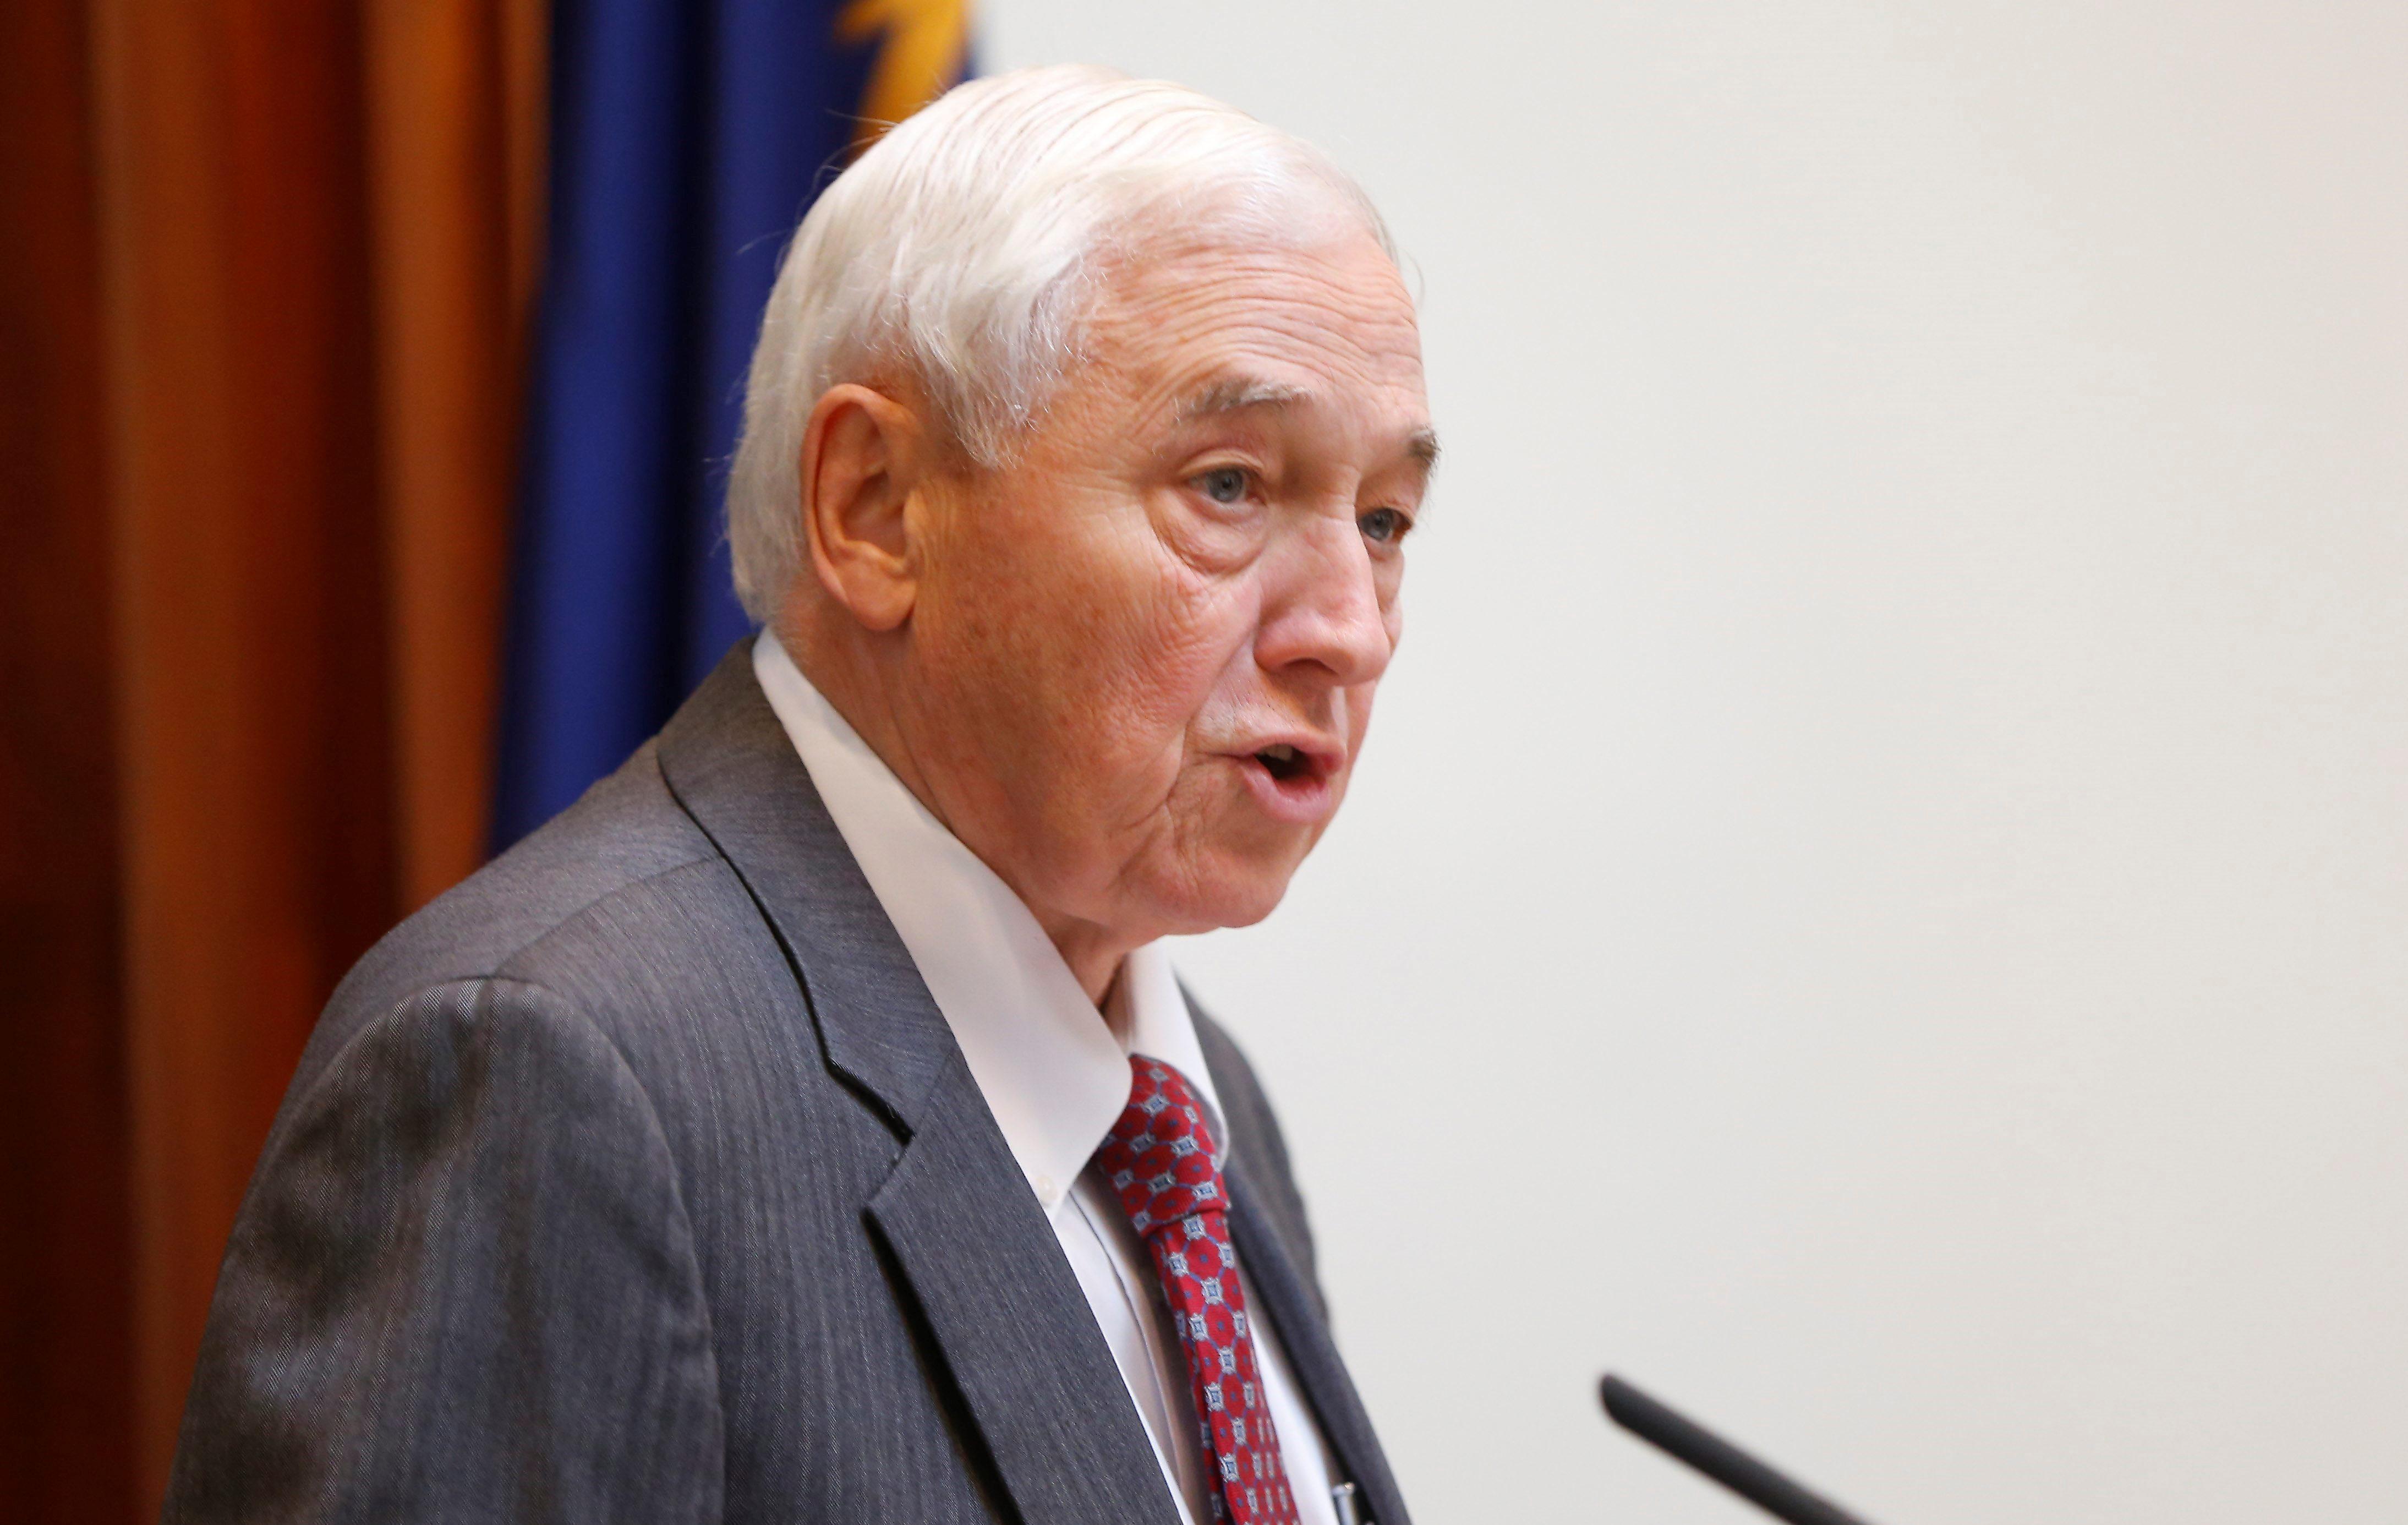 Erie County Legislature Chairman John Mills, pictured during session on Thursday, Nov. 19, 2015. (Mark Mulville/Buffalo News)